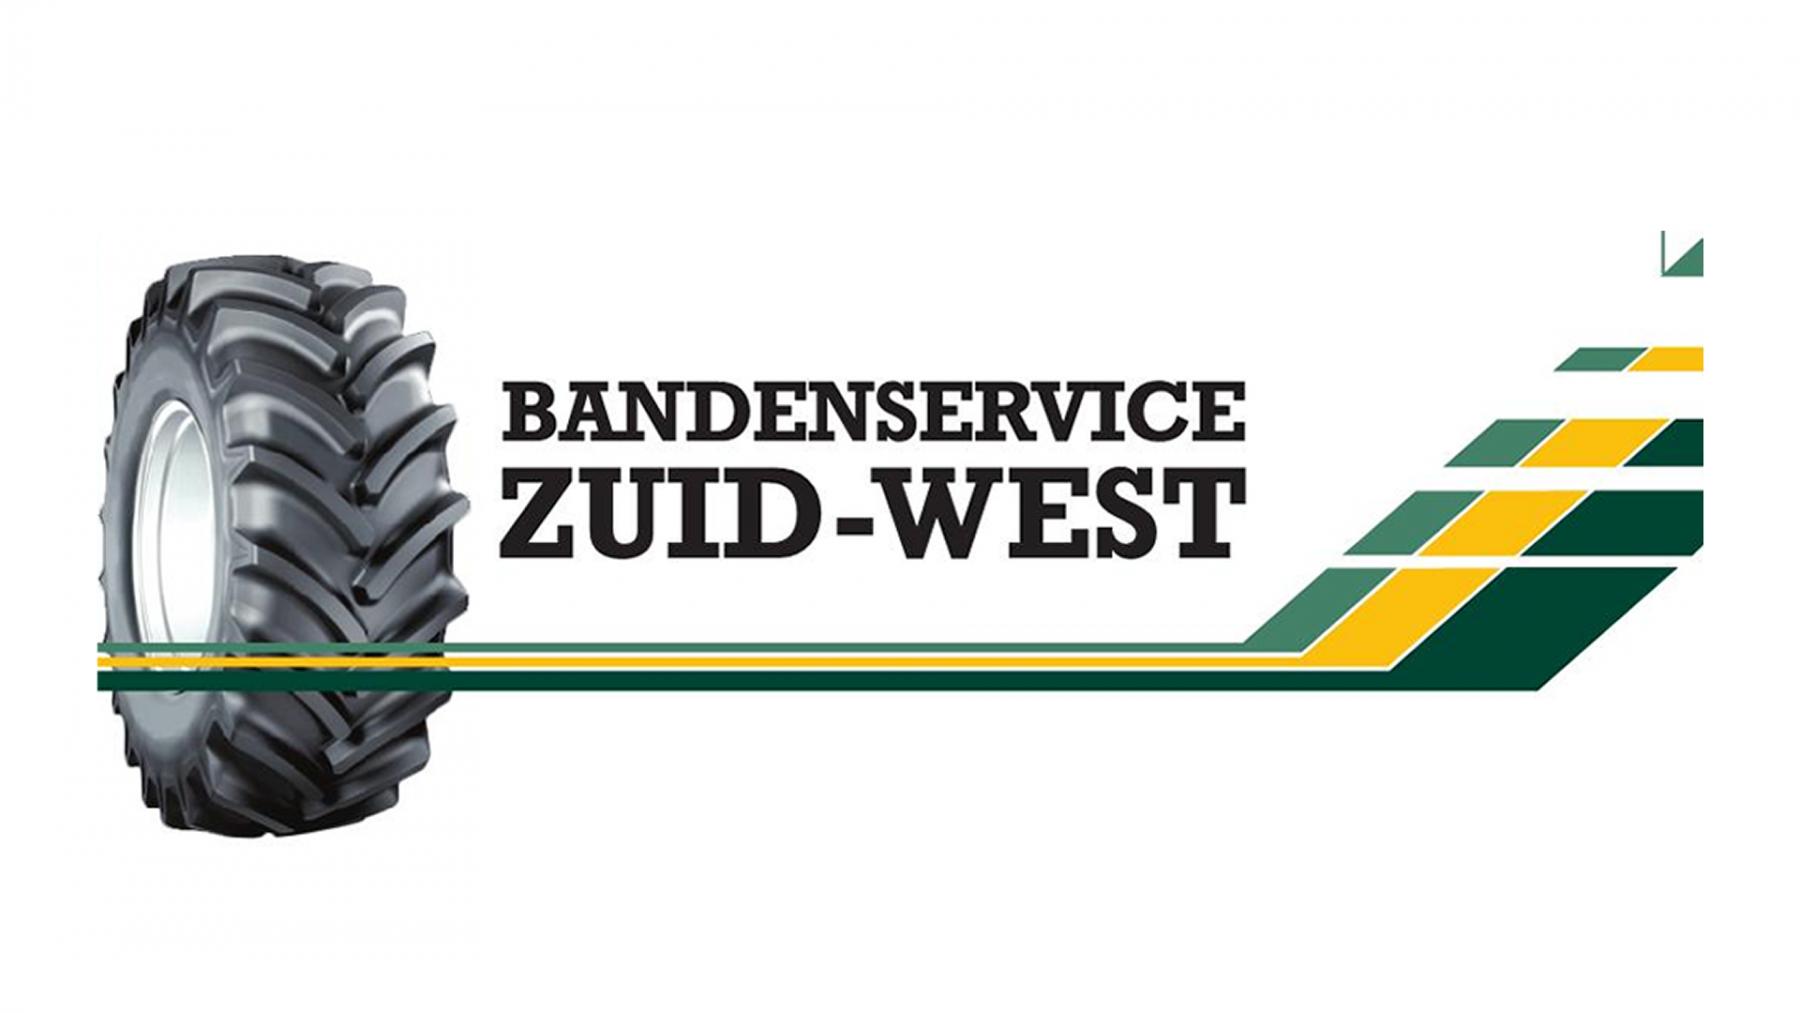 Bandenservice-Zuid-West.fw_